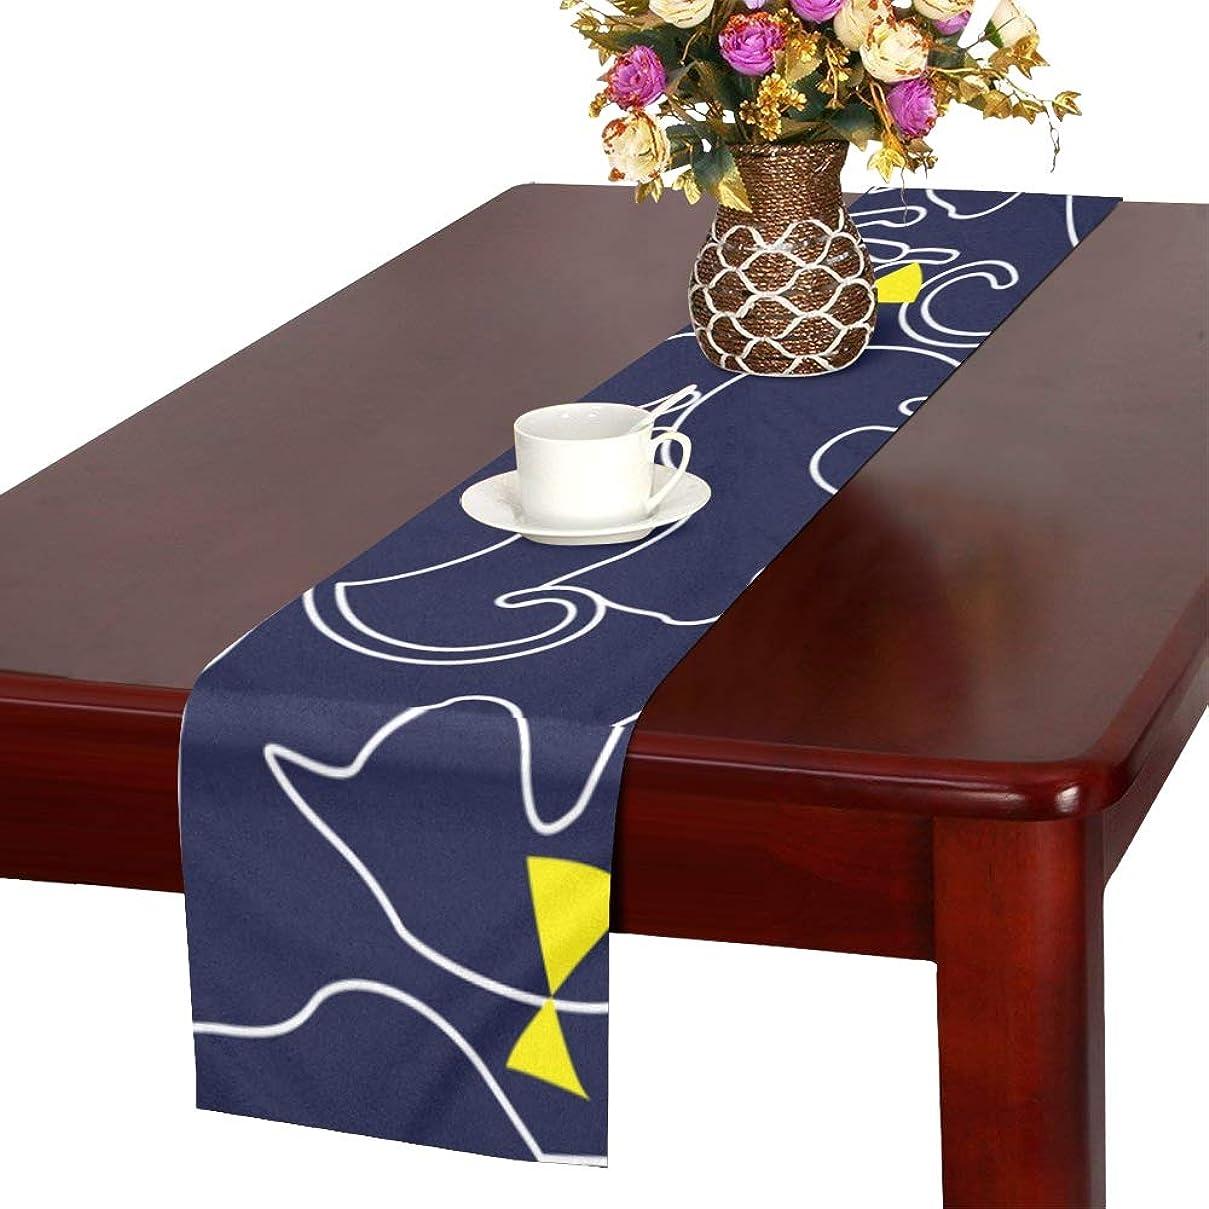 持参支配する打ち上げるGGSXD テーブルランナー 面白い ブルー猫 クロス 食卓カバー 麻綿製 欧米 おしゃれ 16 Inch X 72 Inch (40cm X 182cm) キッチン ダイニング ホーム デコレーション モダン リビング 洗える